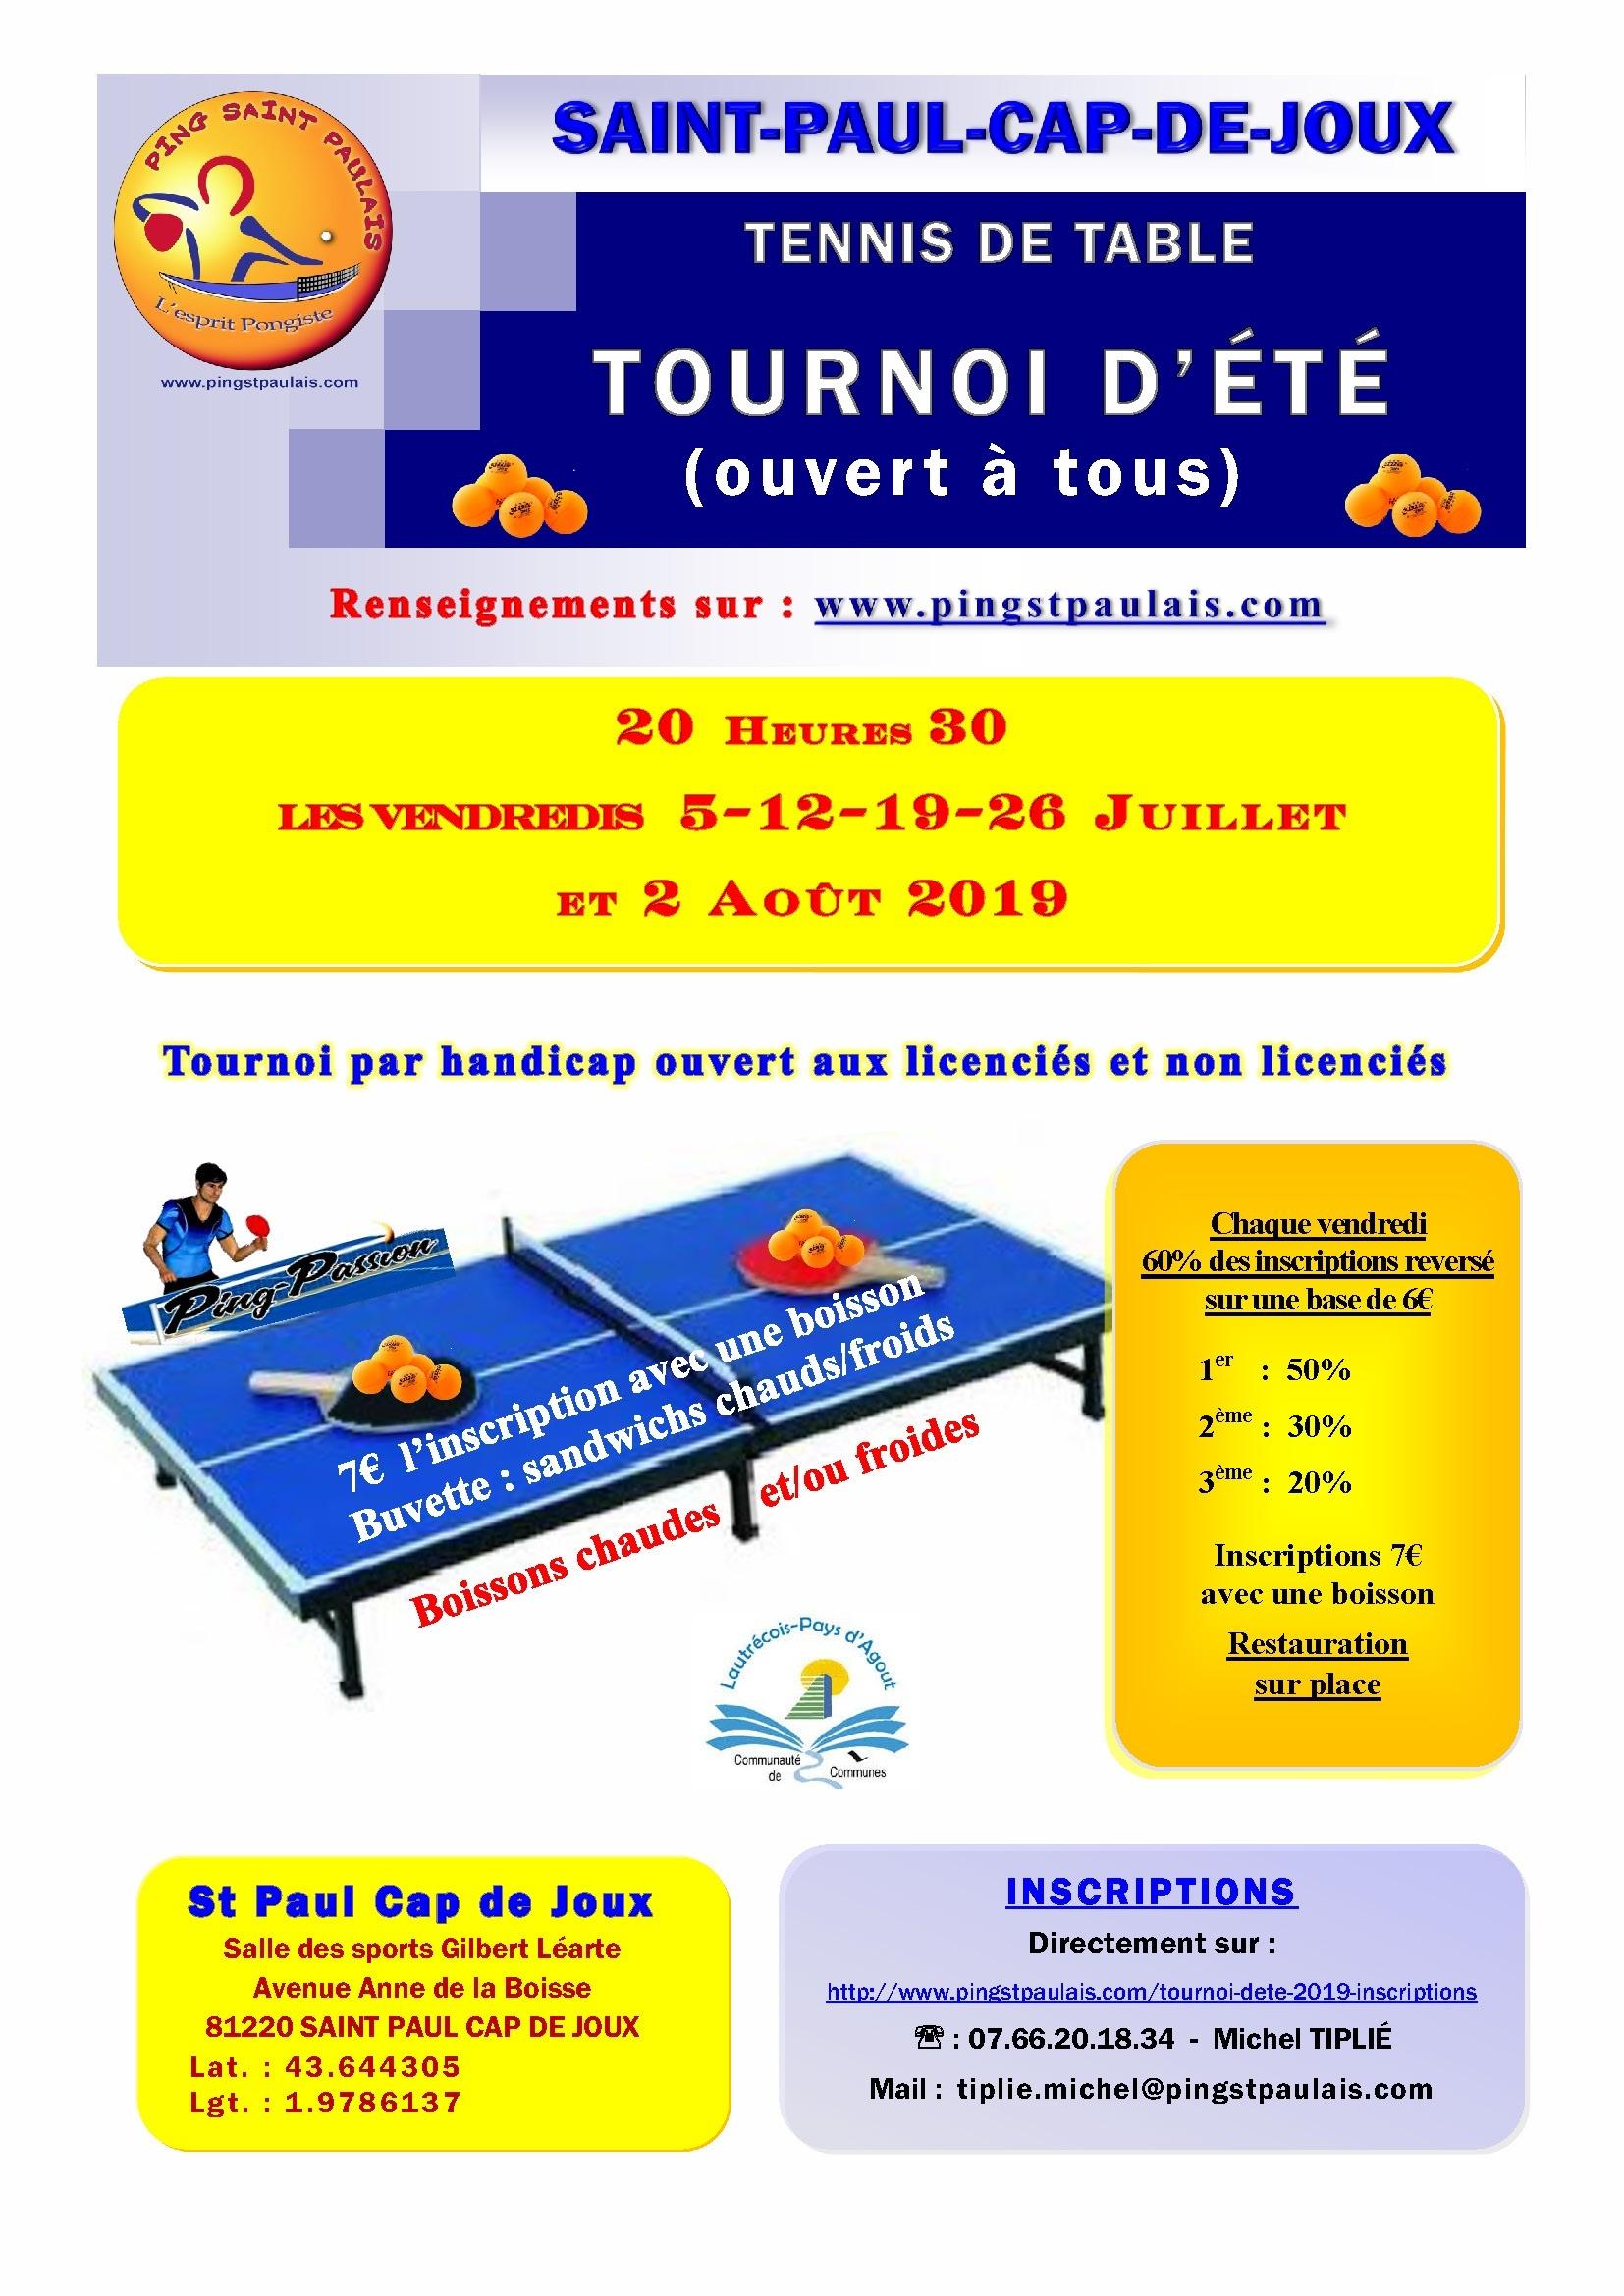 Affiche tournoi d'été 2019 St Paul Cap de Joux A4